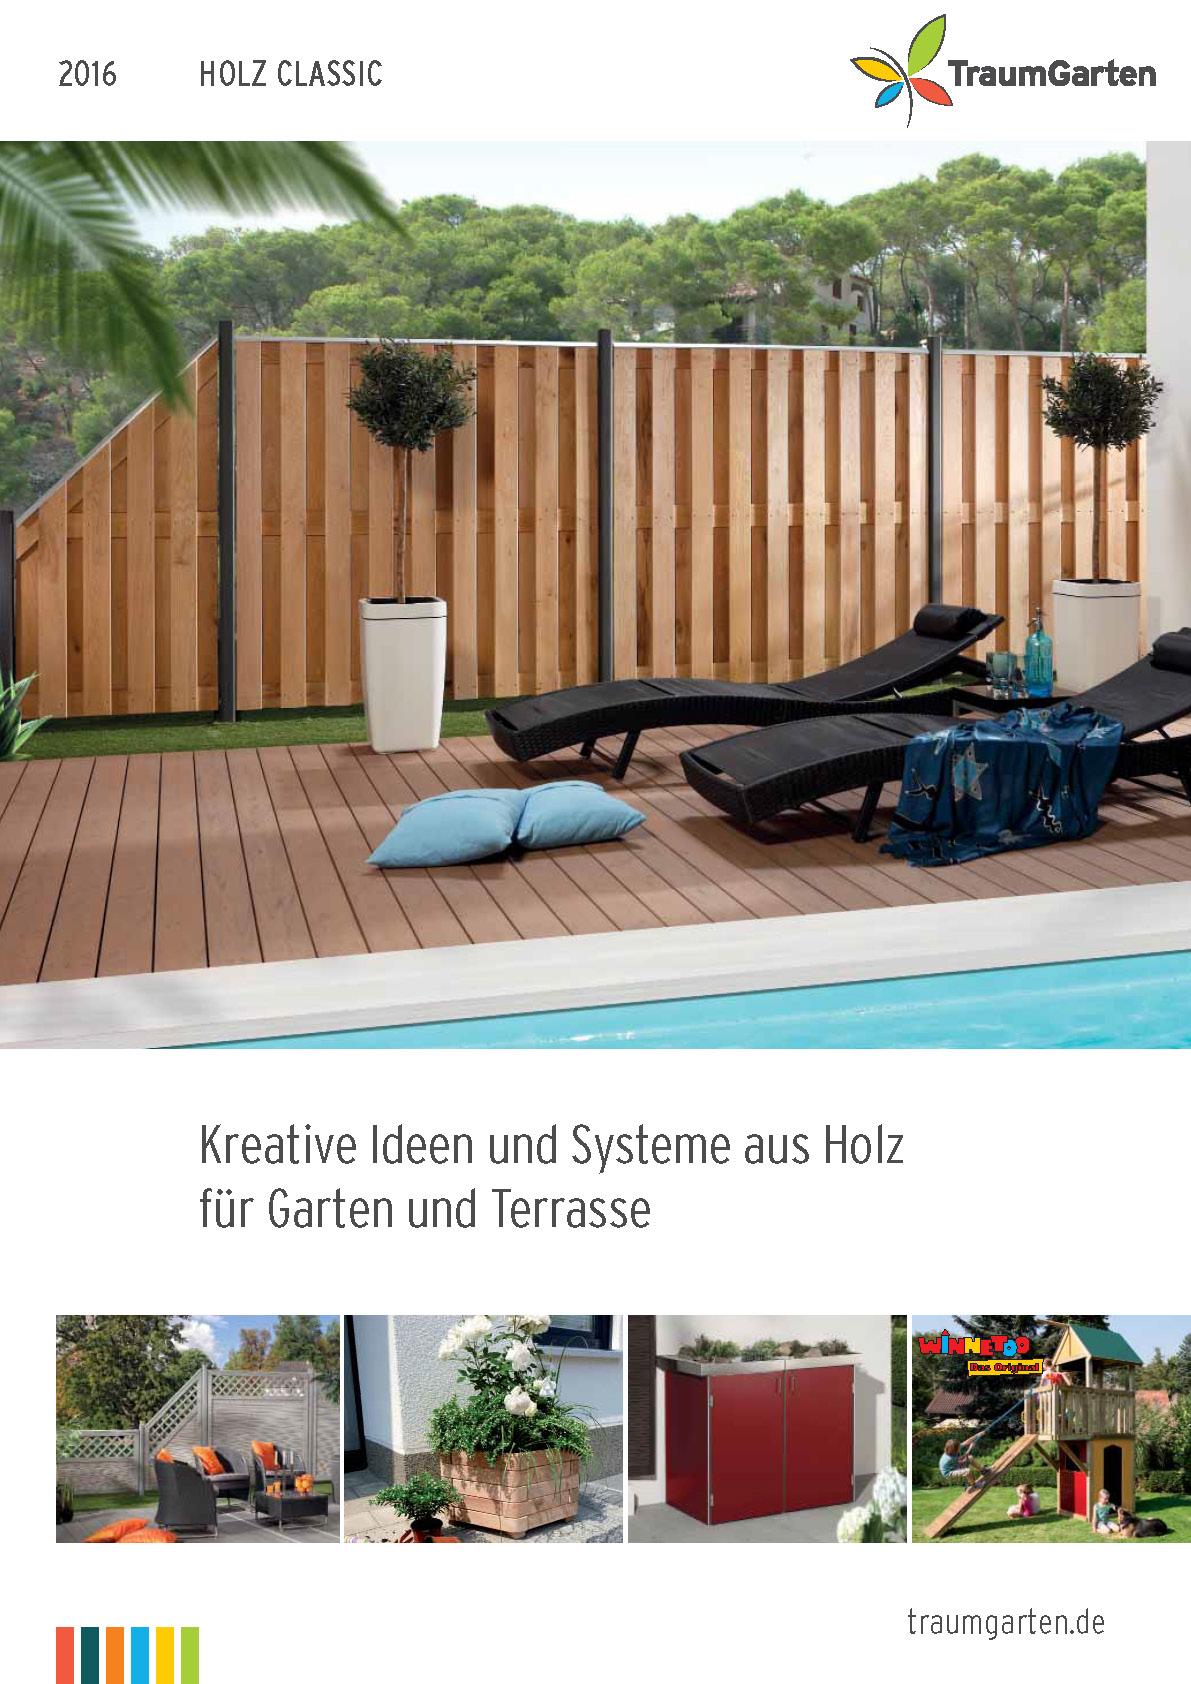 terrassendielen holzdecks wpc kaufen friedrichshafen. Black Bedroom Furniture Sets. Home Design Ideas